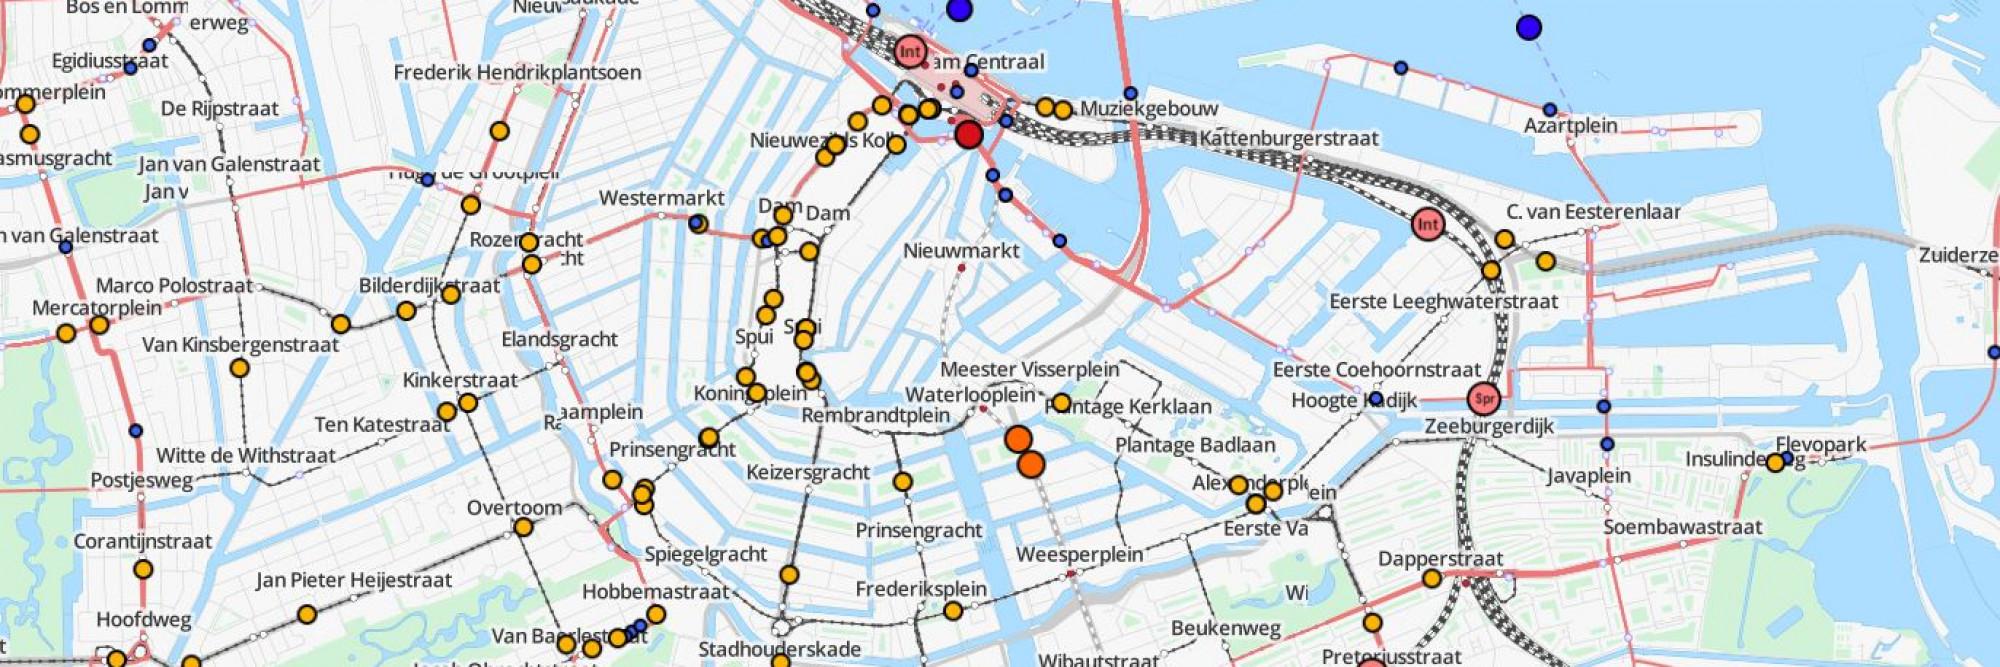 Op Deze Kaart Kun Je Elke Tram En Metro Volgen At5